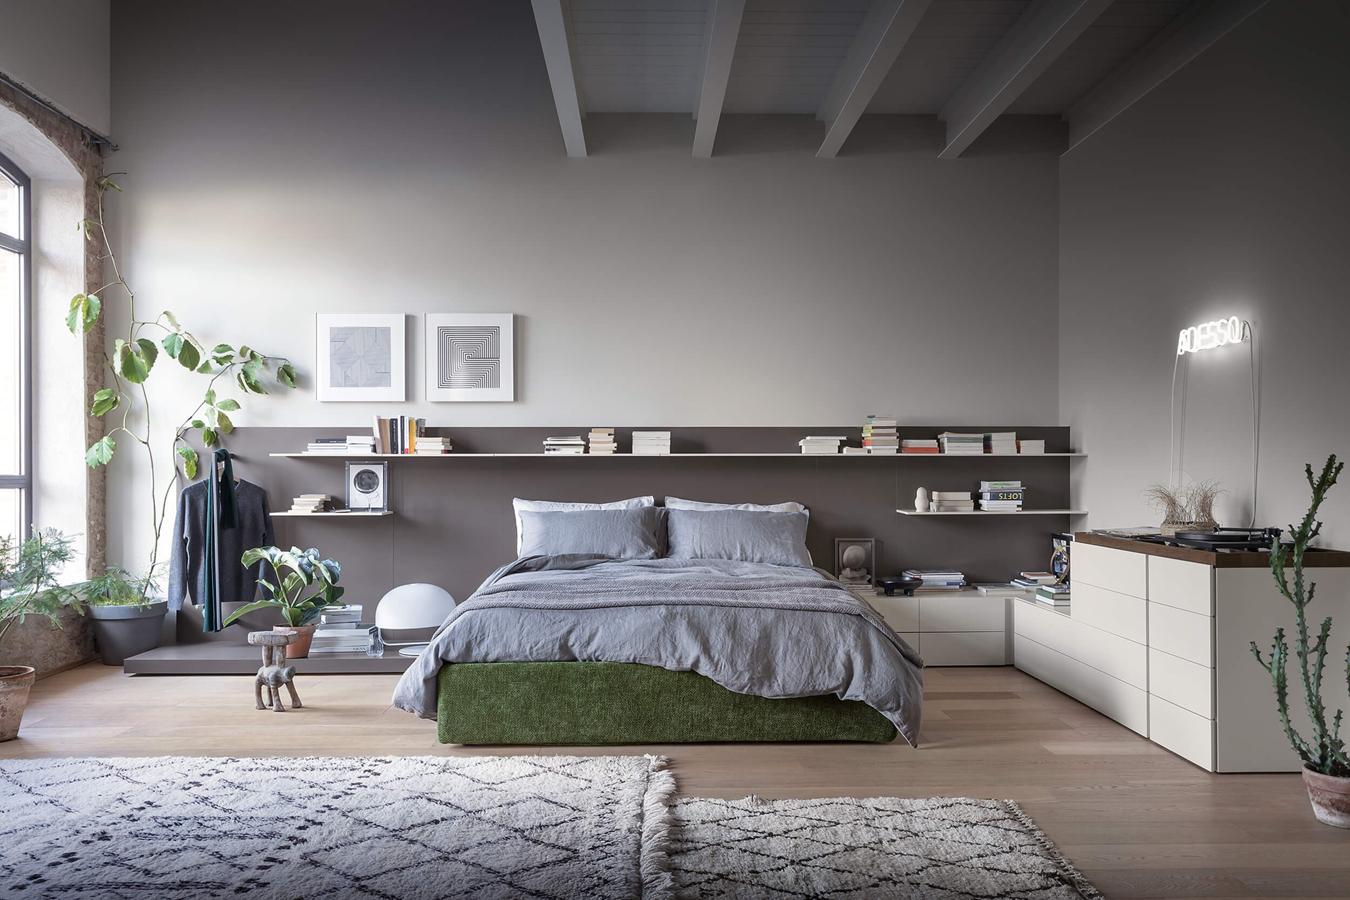 Camera da letto modernacon mensole libri